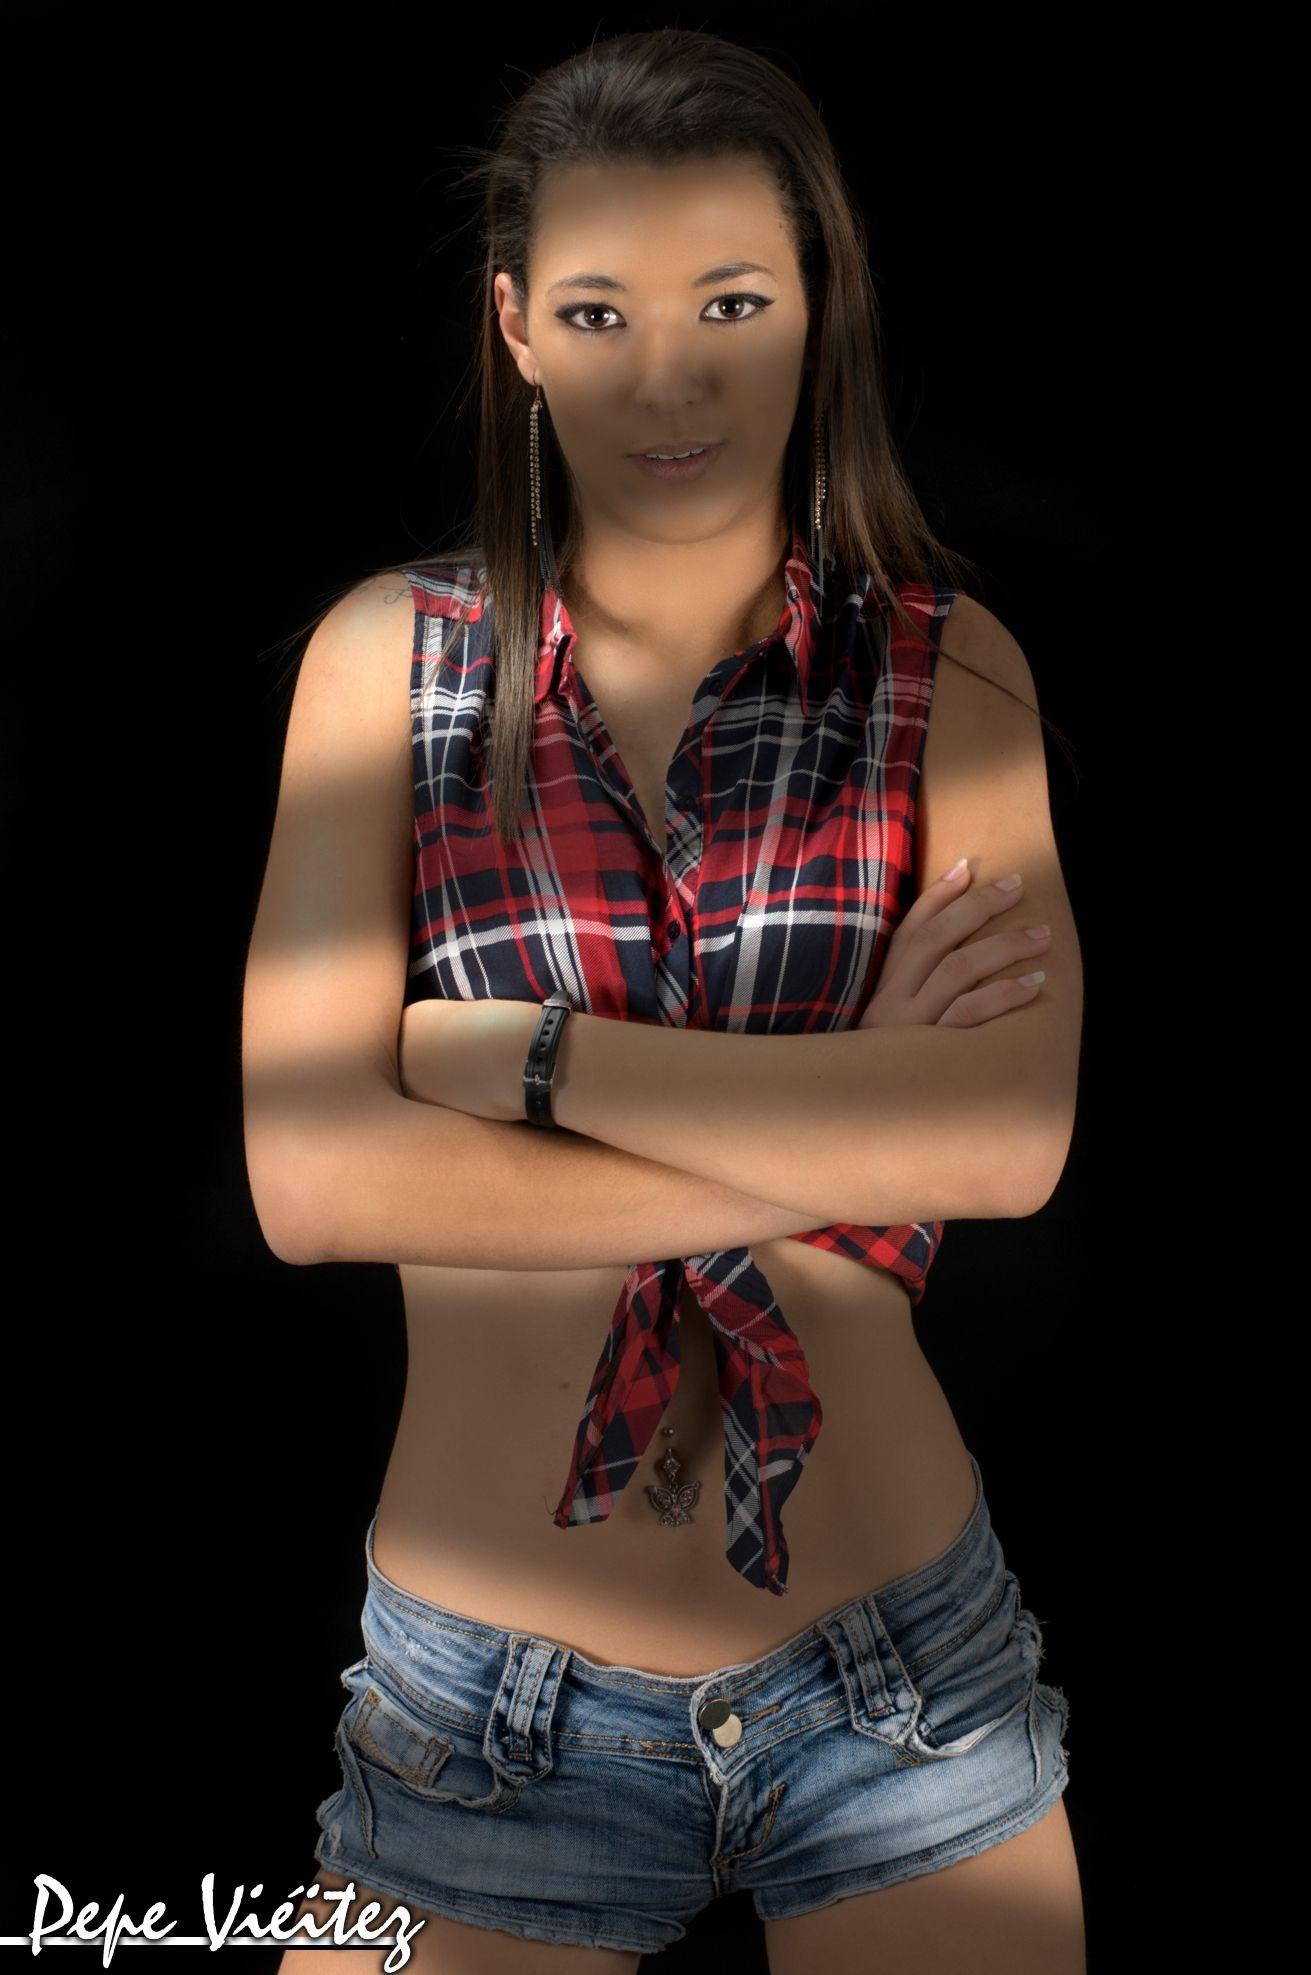 Modelo Melani Santana Fotografia pepe vieitez moda, belleza, elegancia, feminidad, modelo